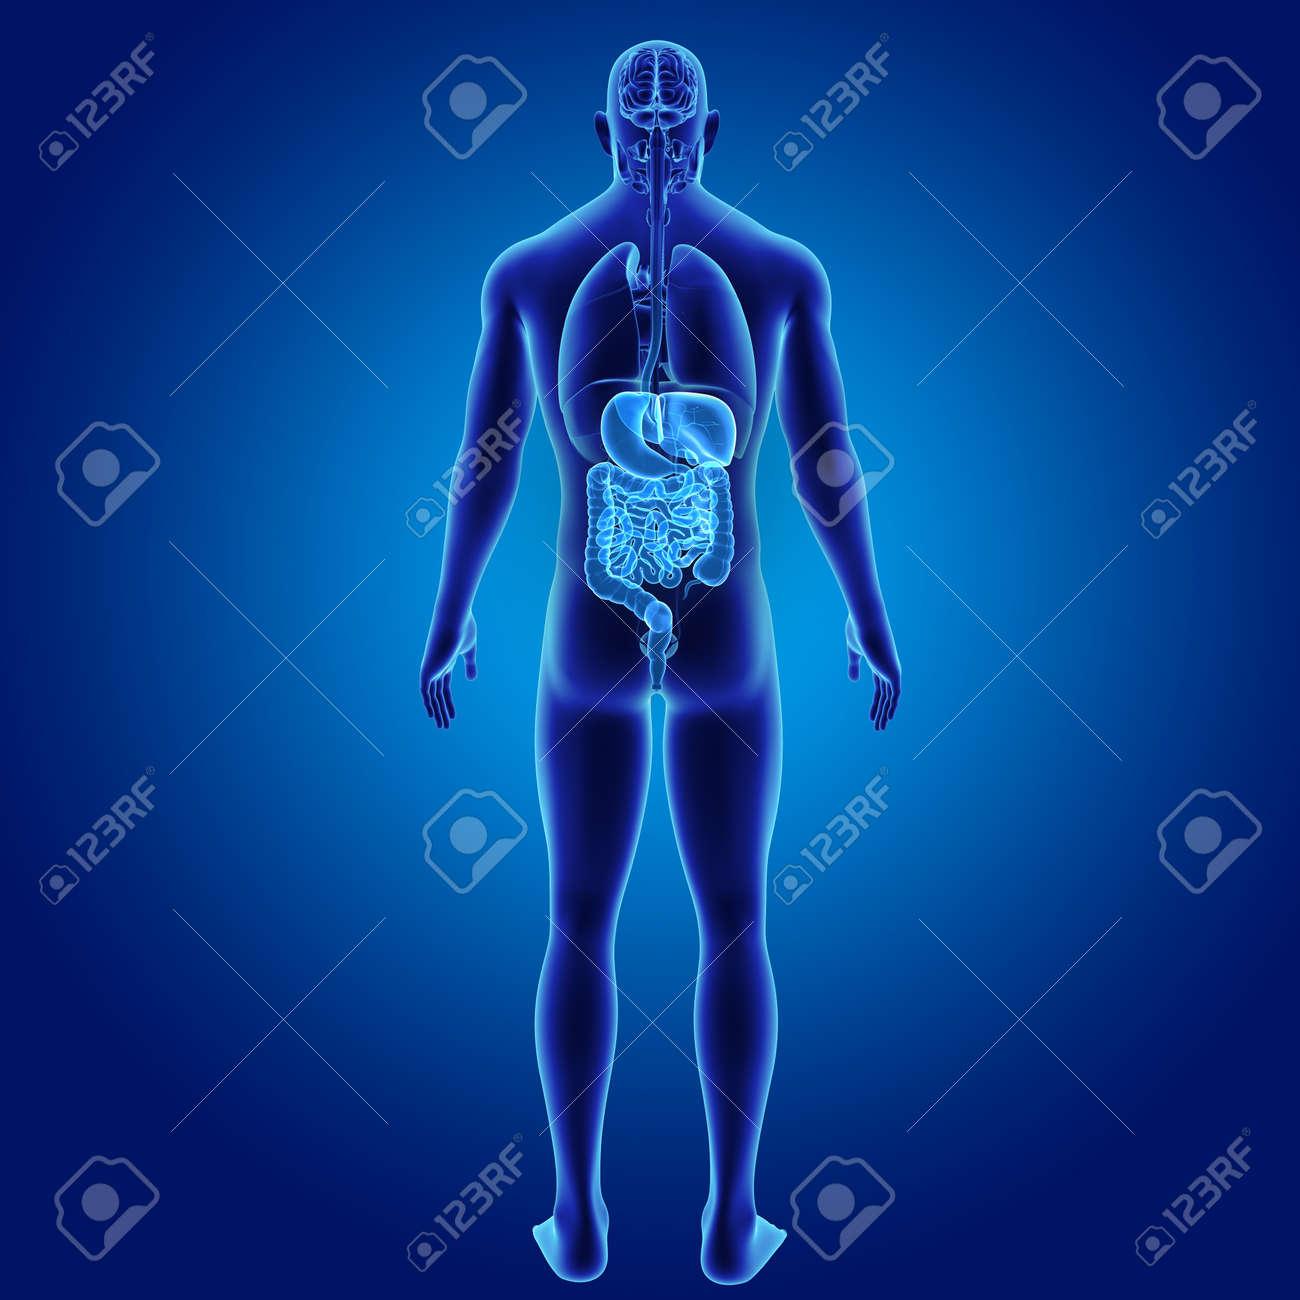 Sistema Digestivo Humano Con Vista Posterior De órganos. Fotos ...